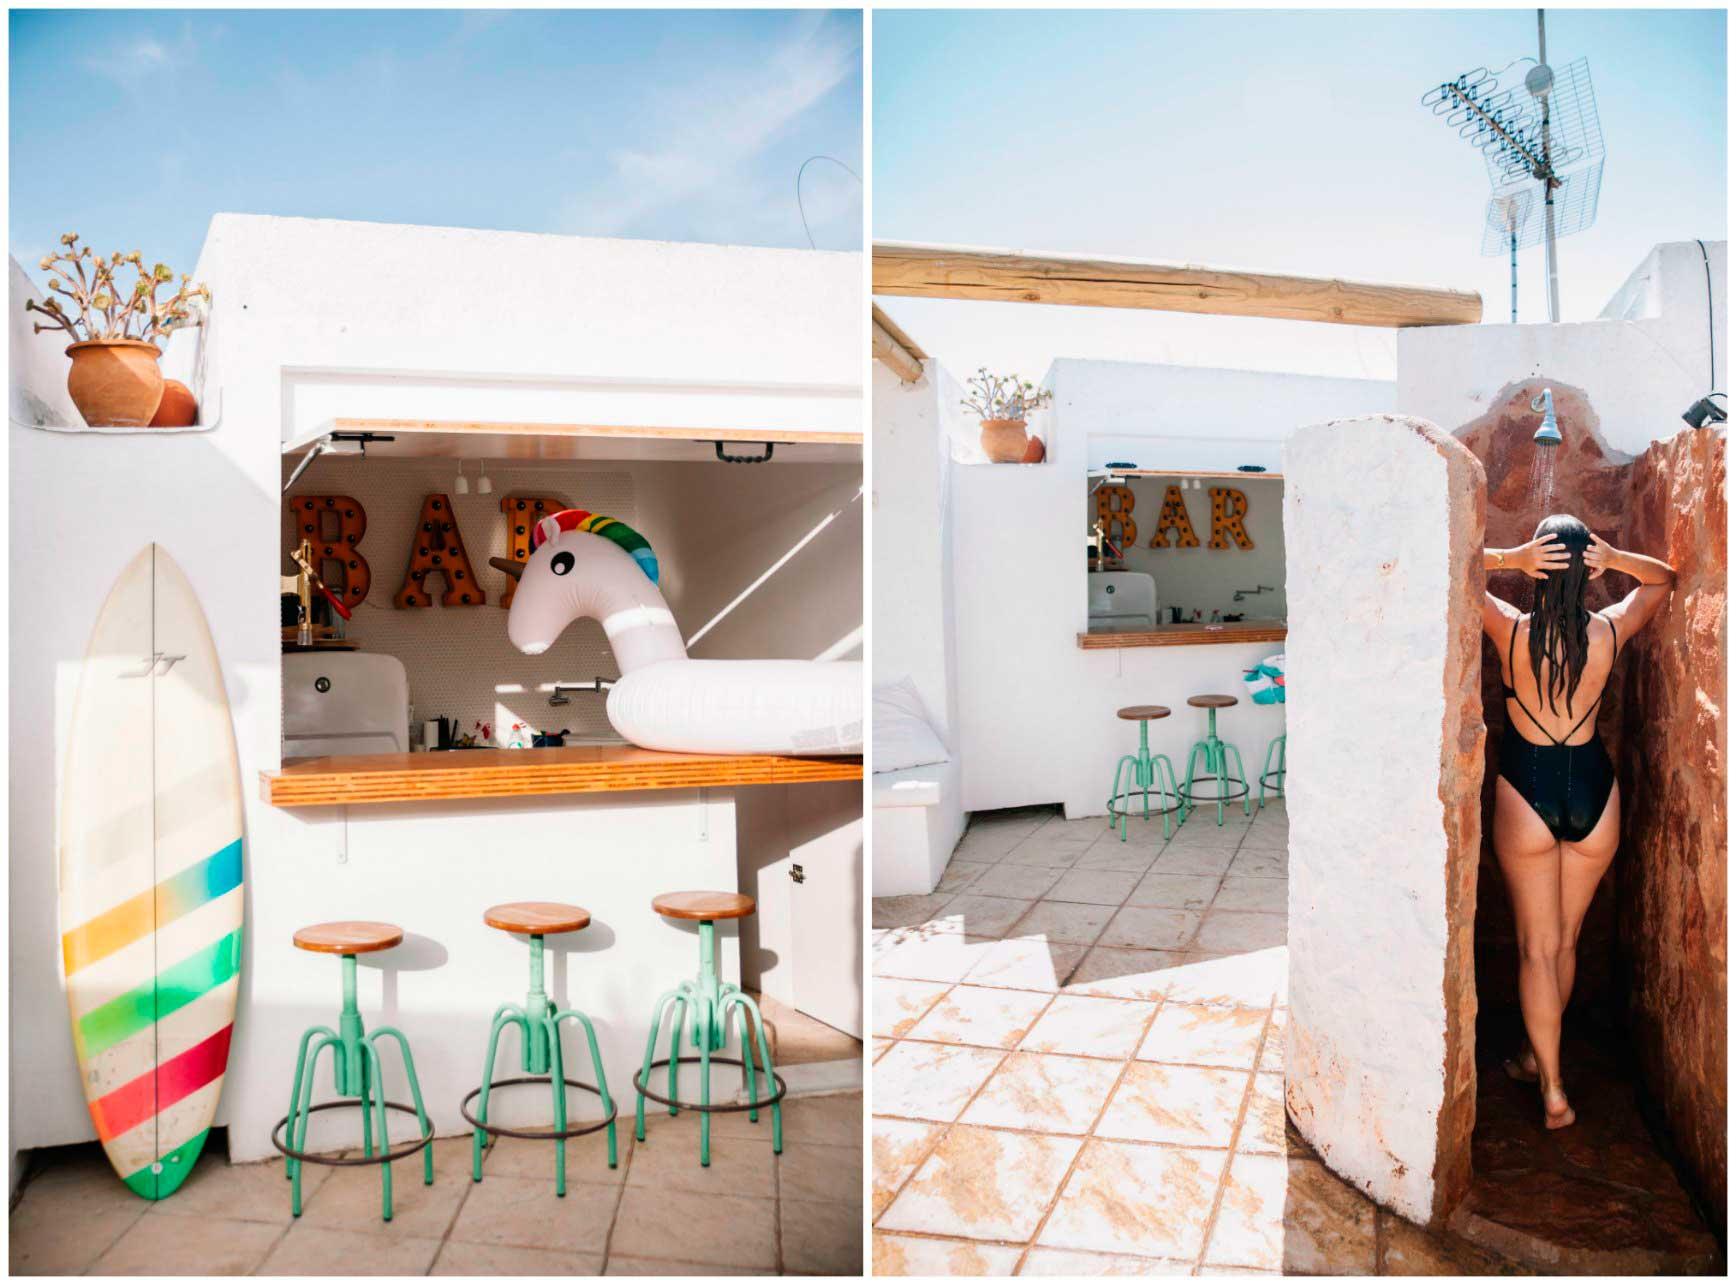 Alojamiento Cabo de Gata - Airbnb_claraBmartin_18